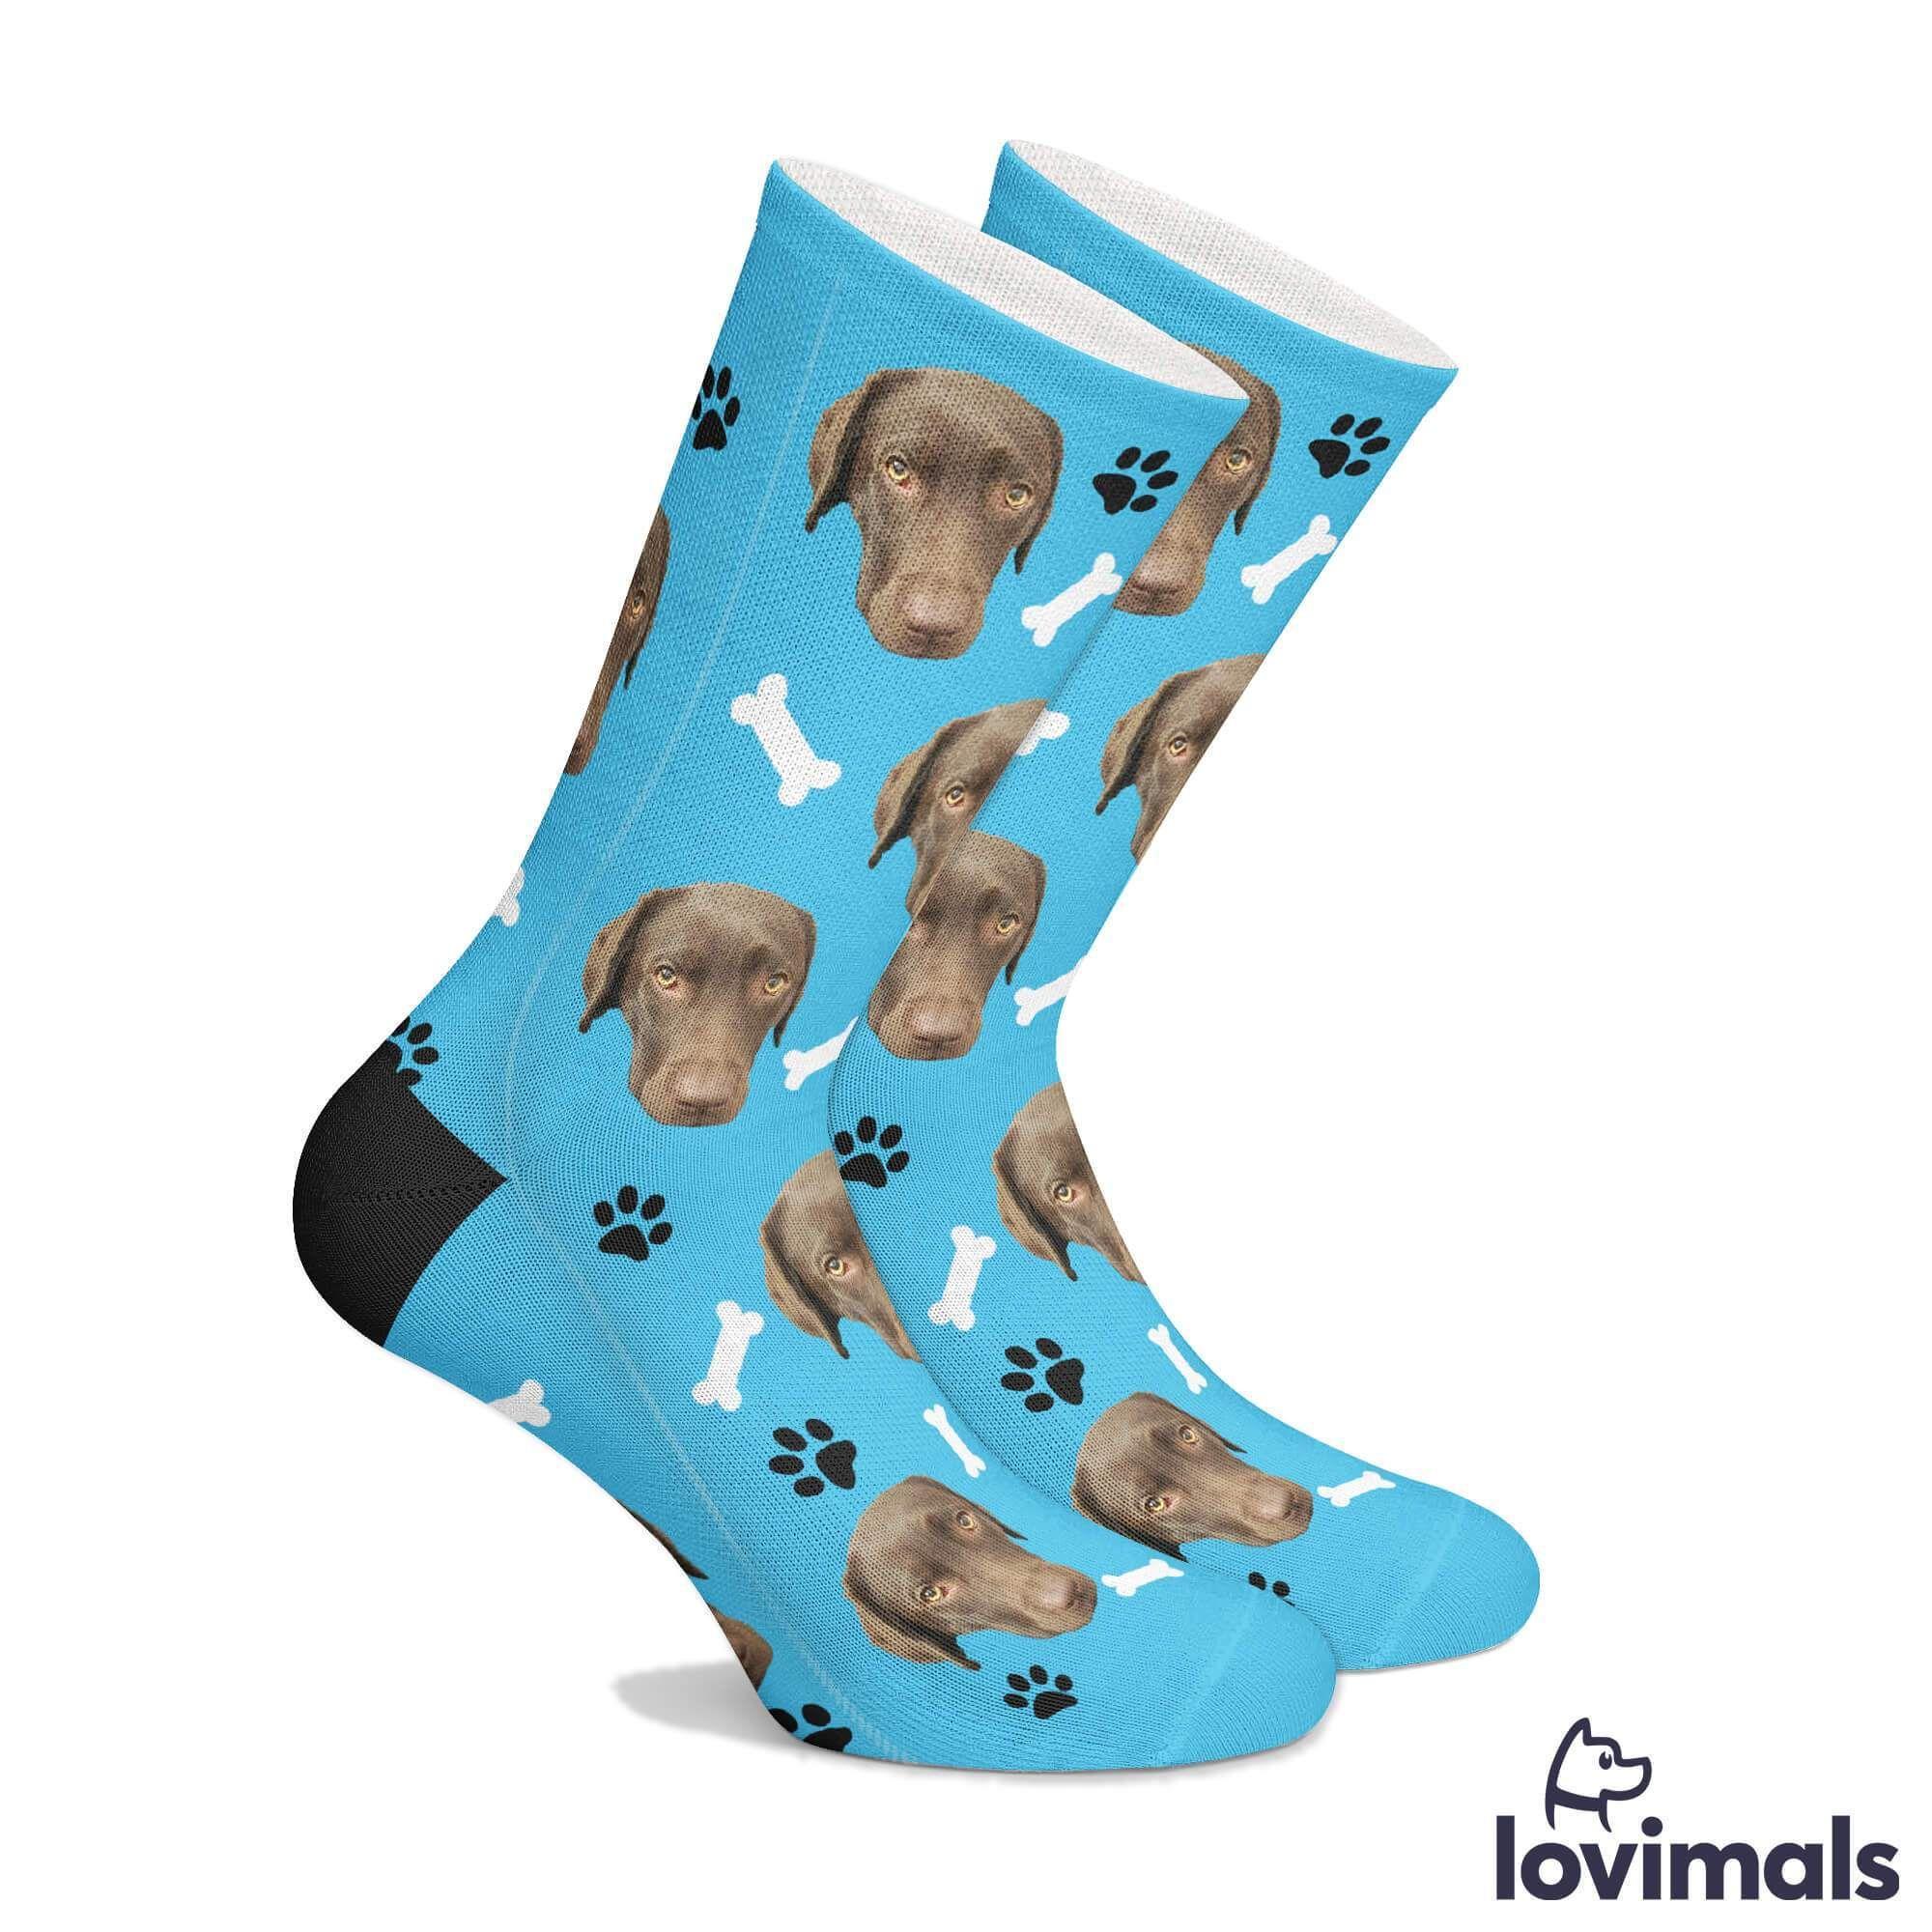 LOVIMALS Your Dog On Socks in 2020 Dog socks, Socks